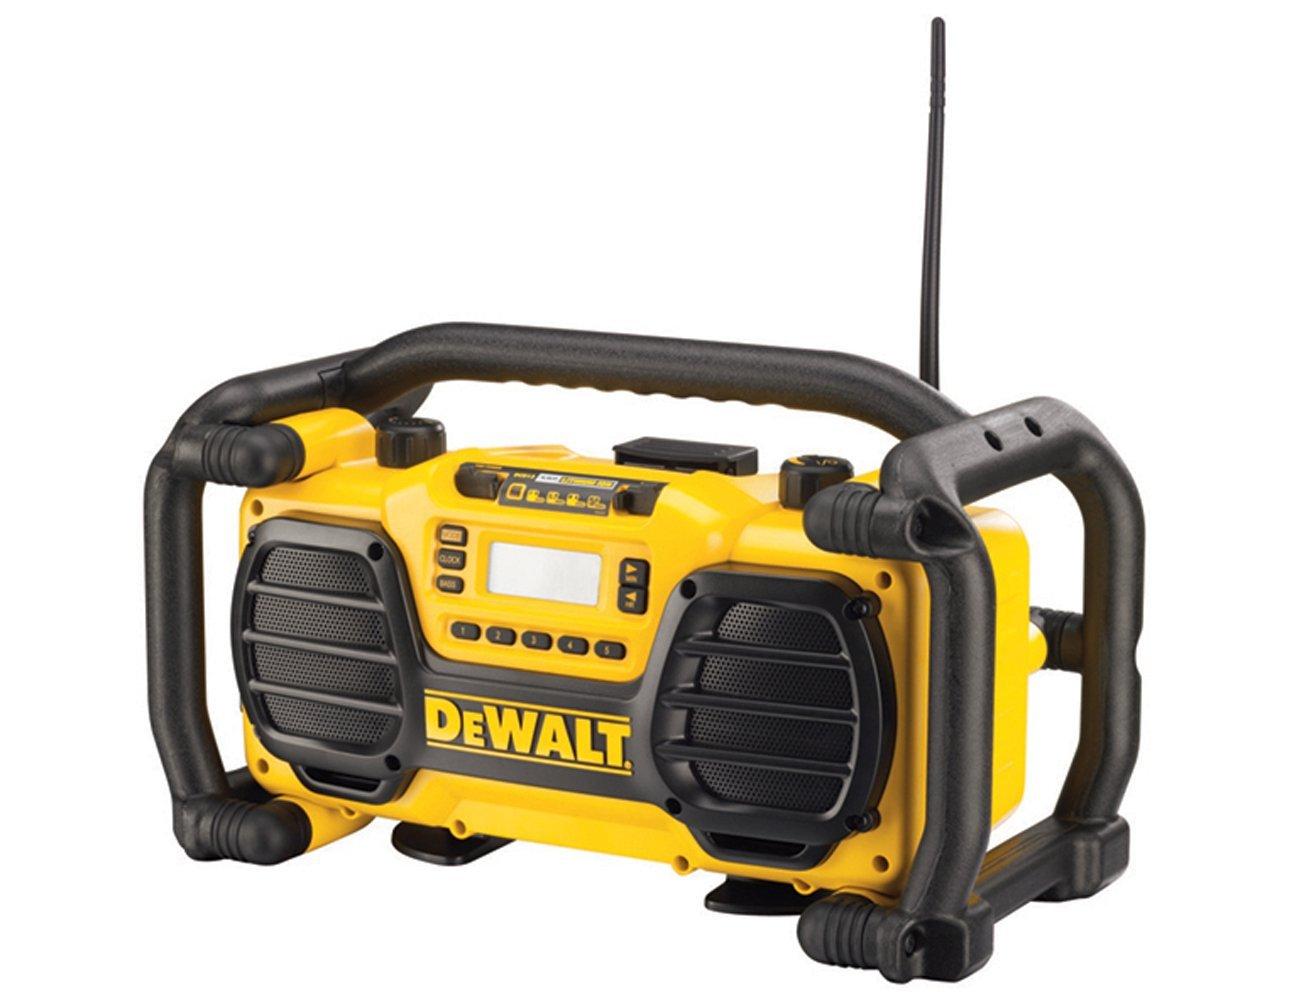 Dewalt Builders Radio